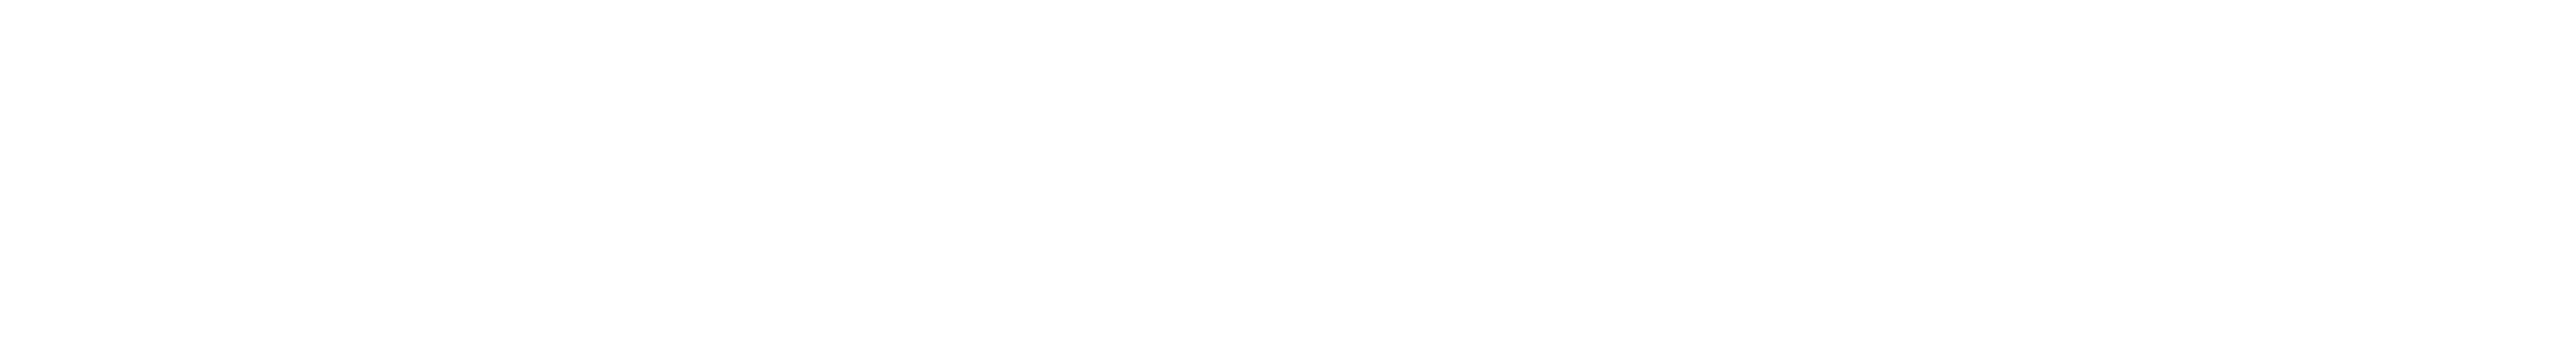 VegmannTasche